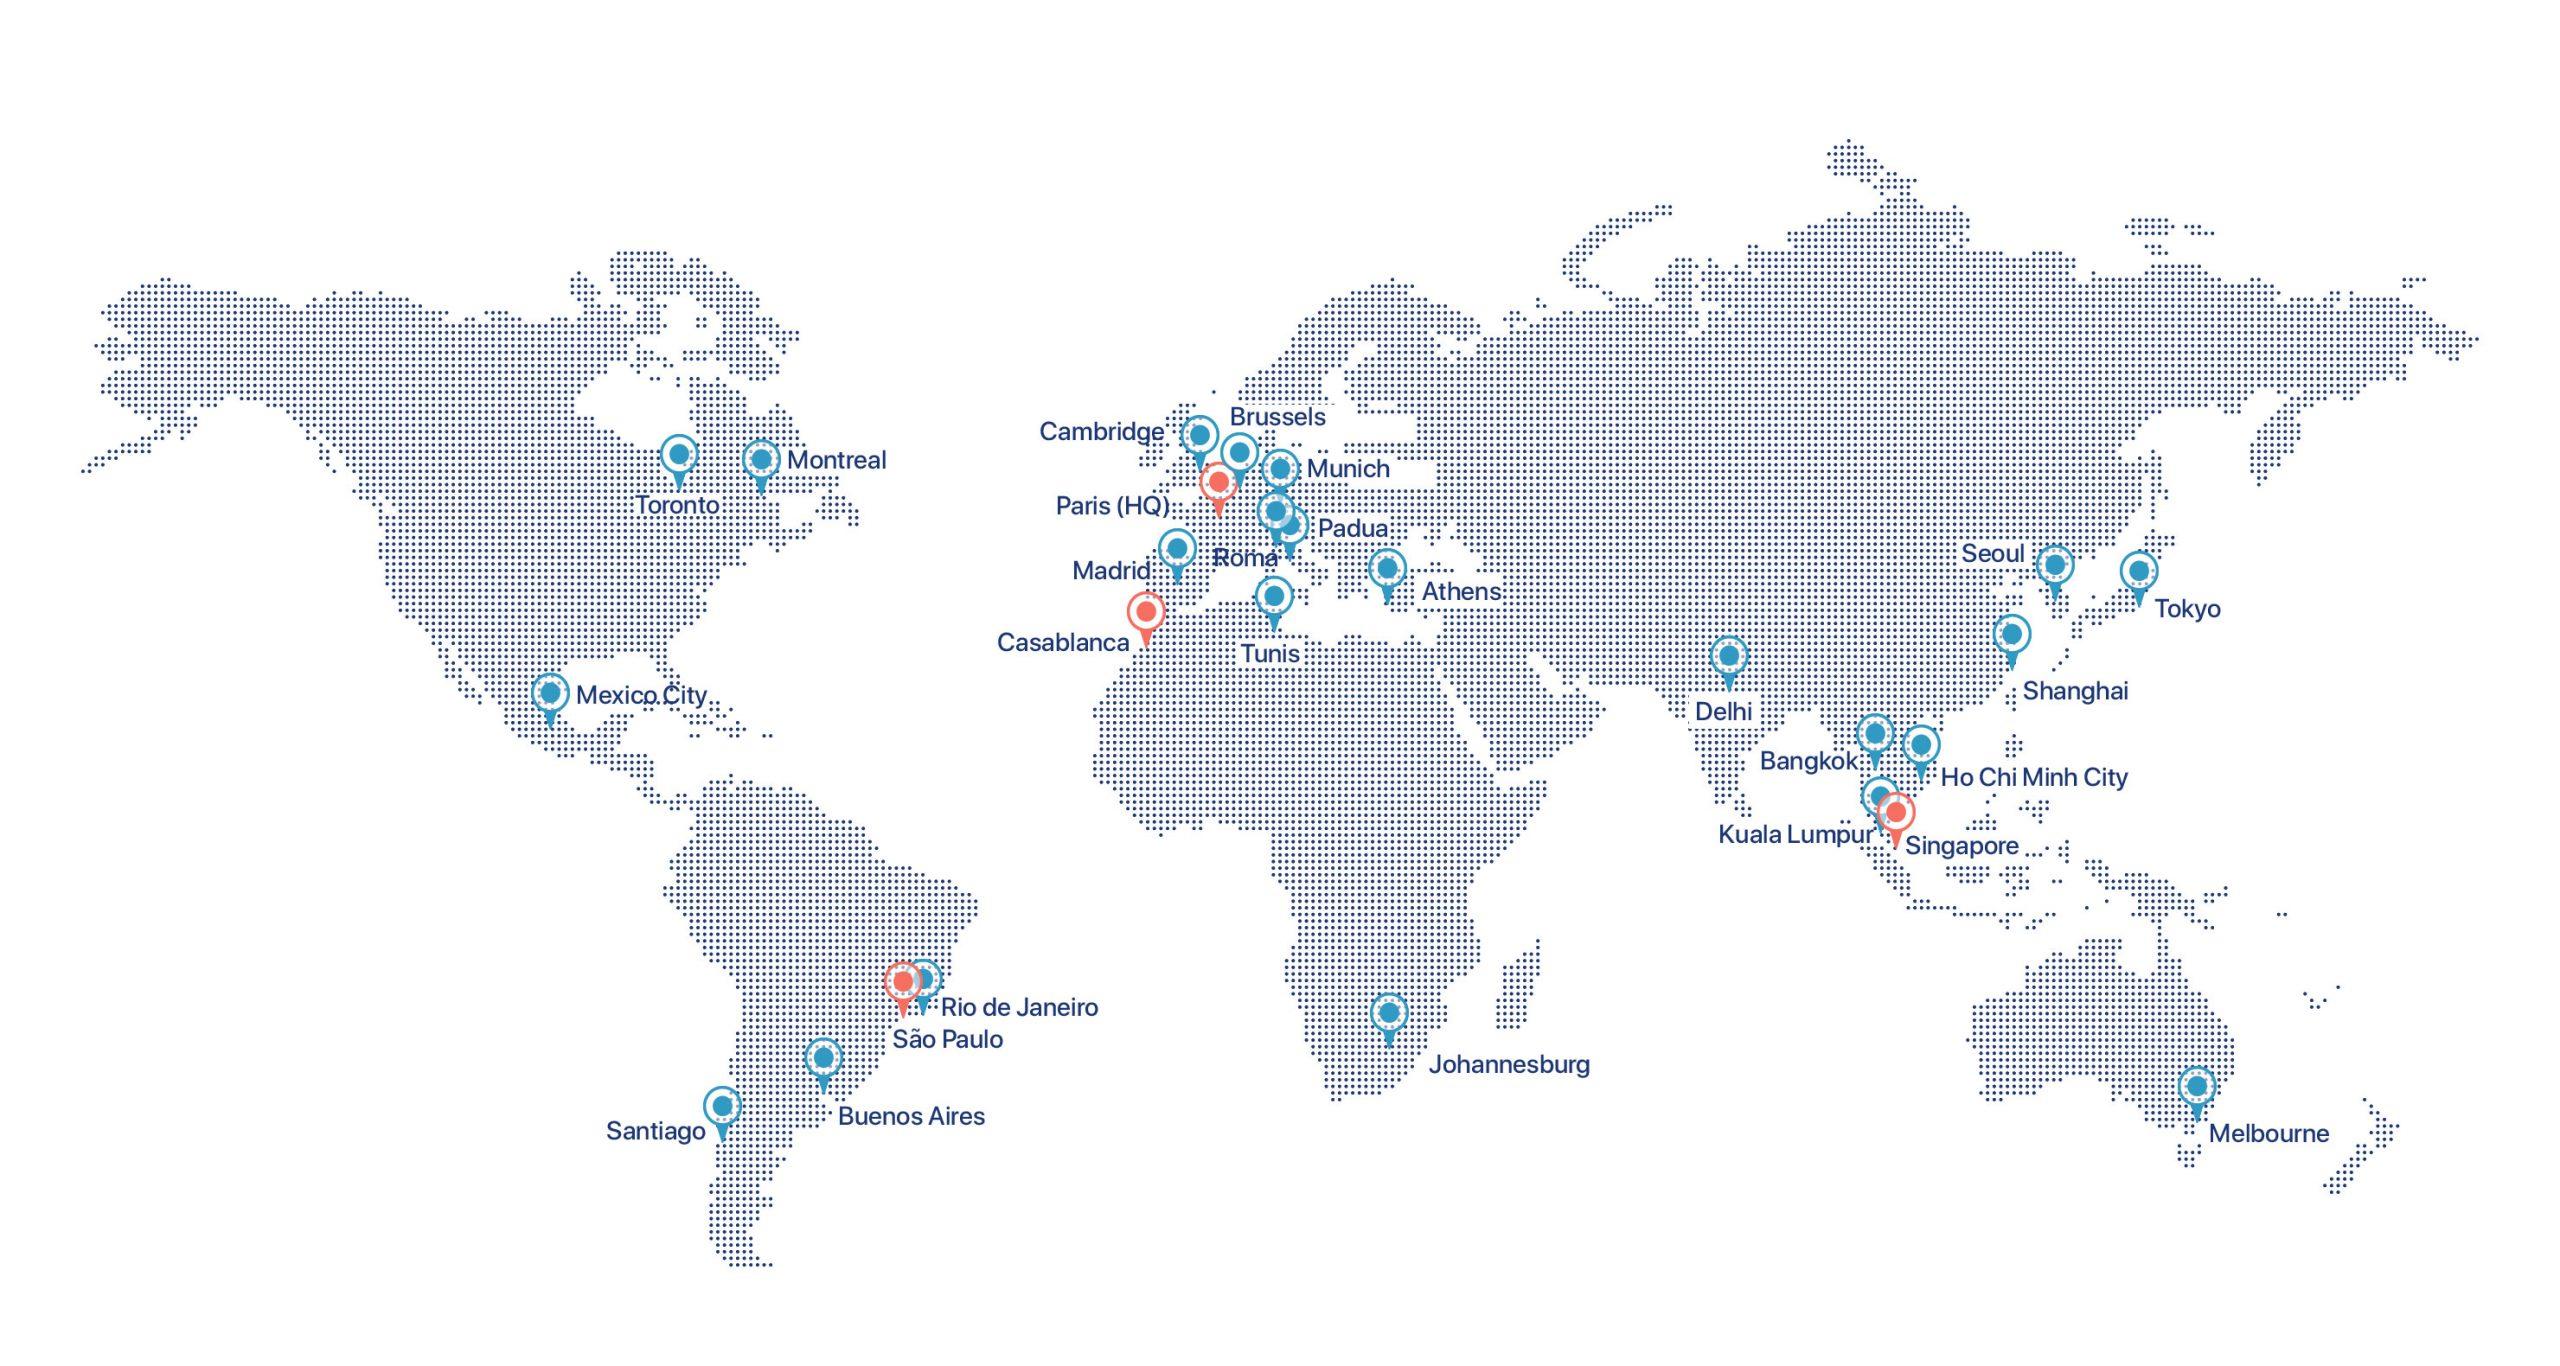 Halifax Consulting auf der ganzen Welt